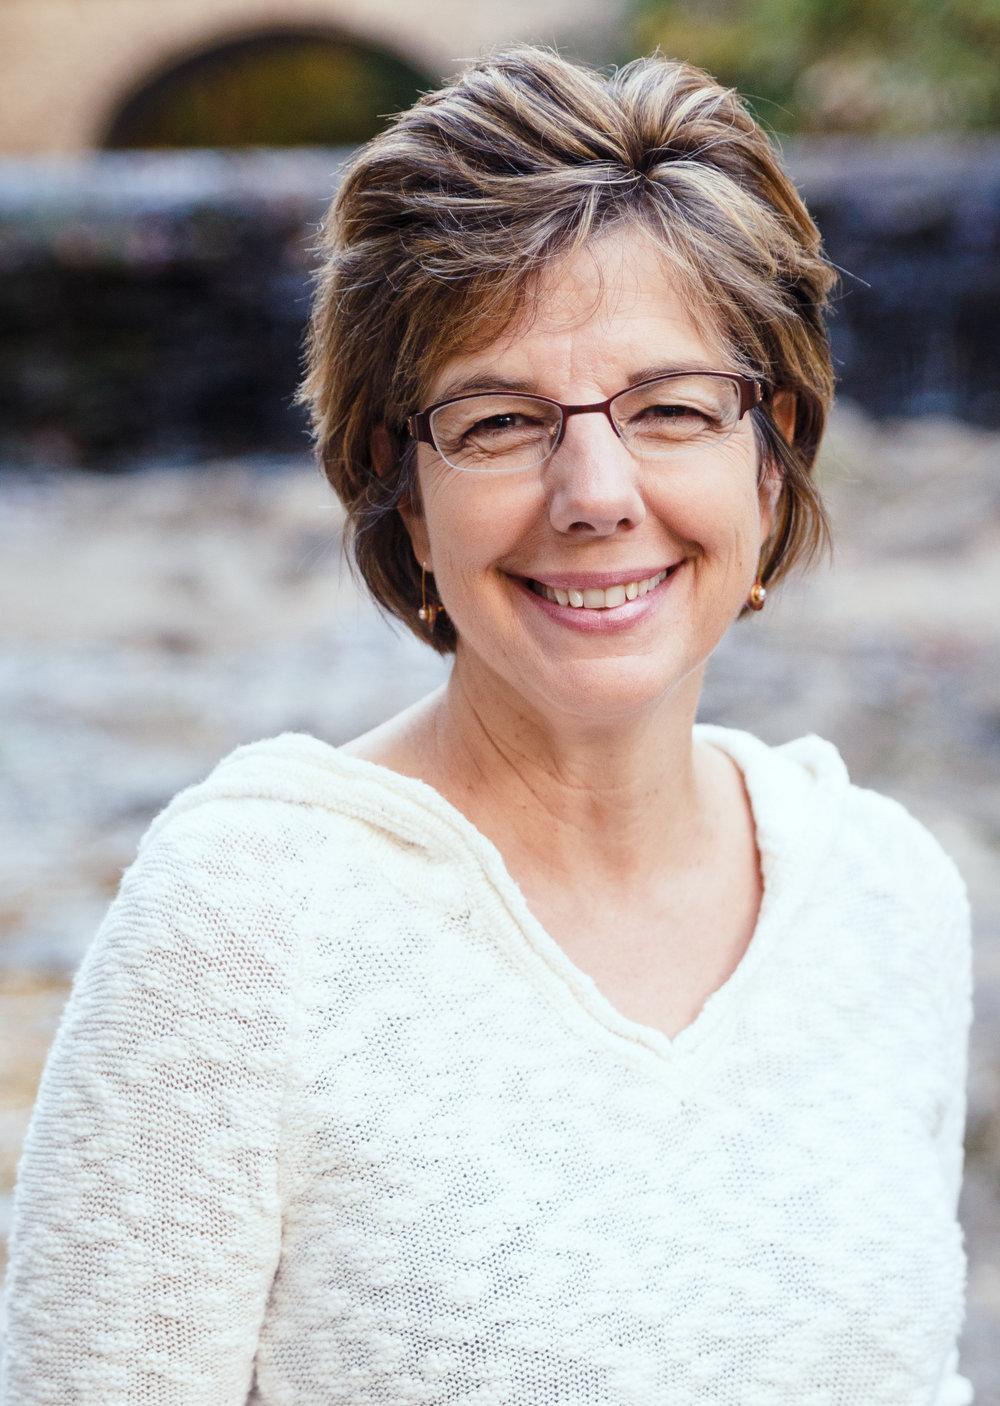 Rita Cevasco, M.A., CCC-SLP